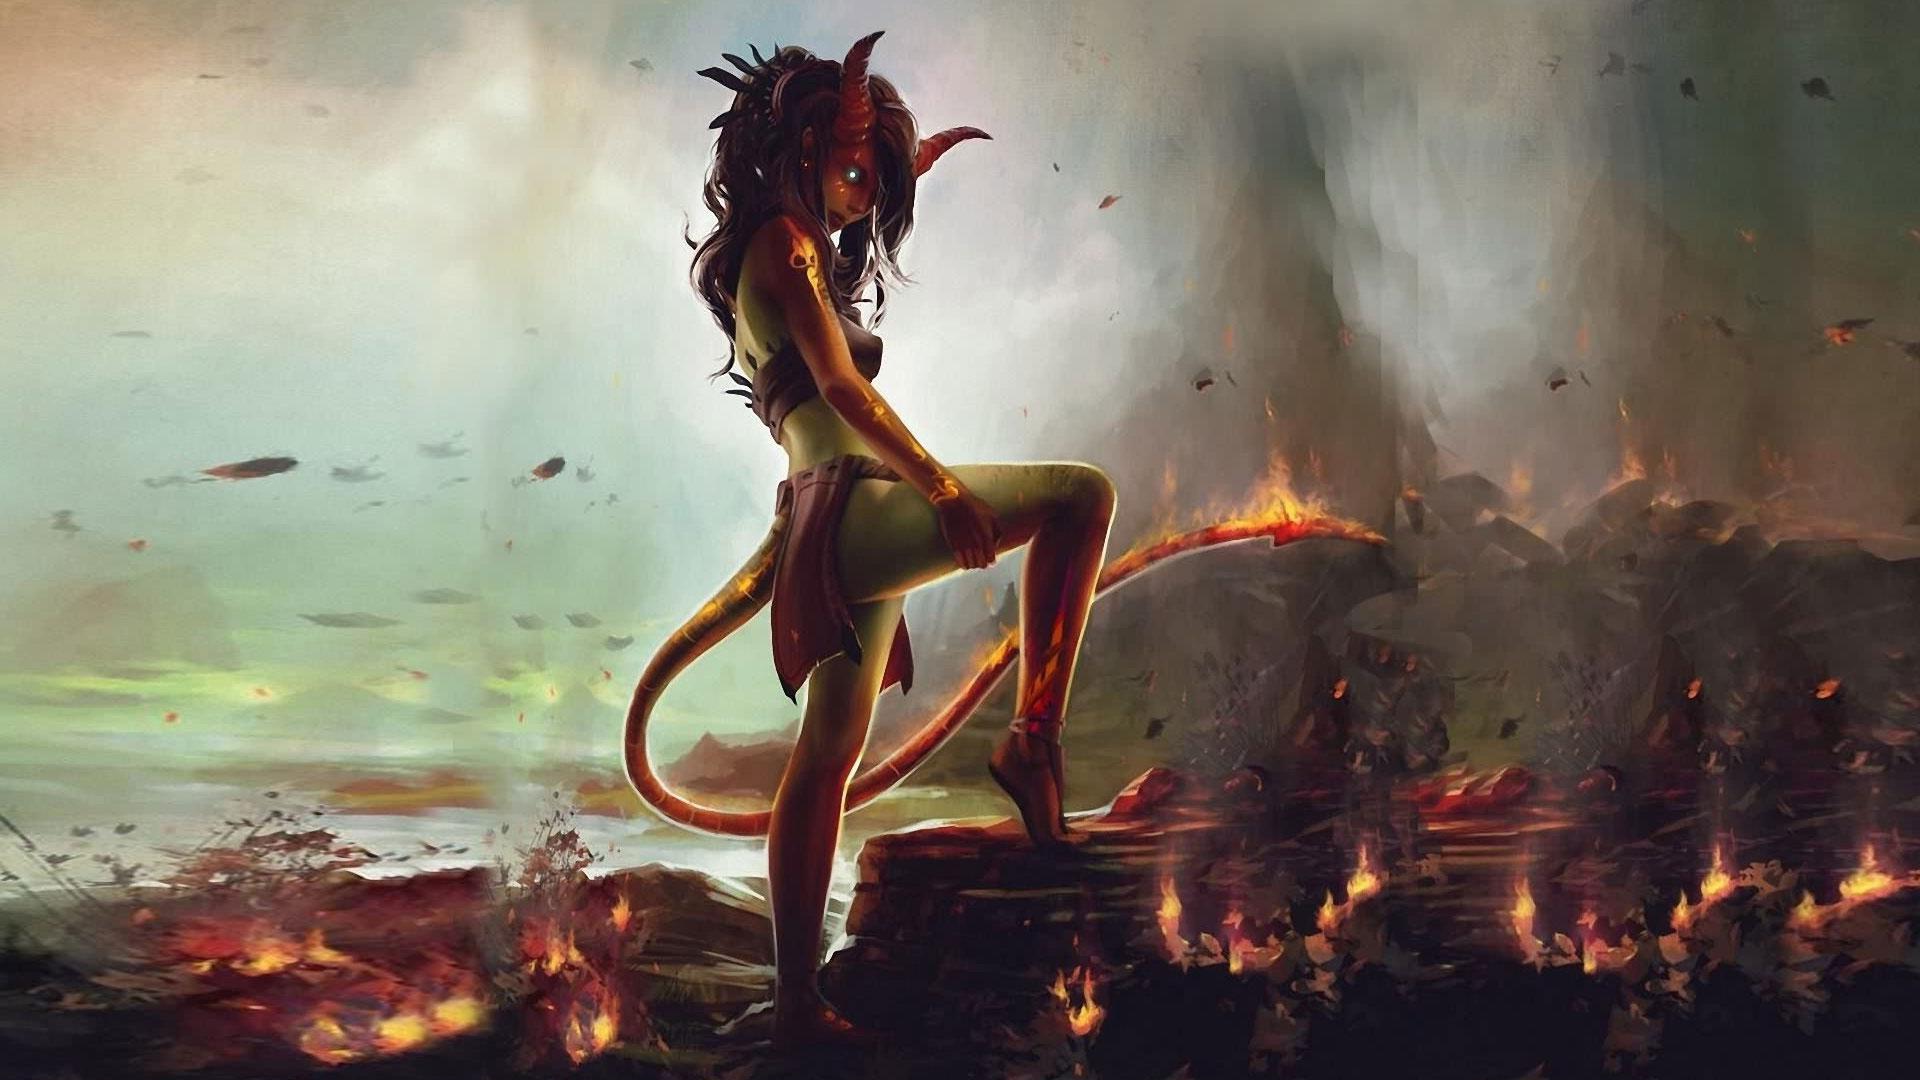 Дьявол обои на рабочий стол 1366х768